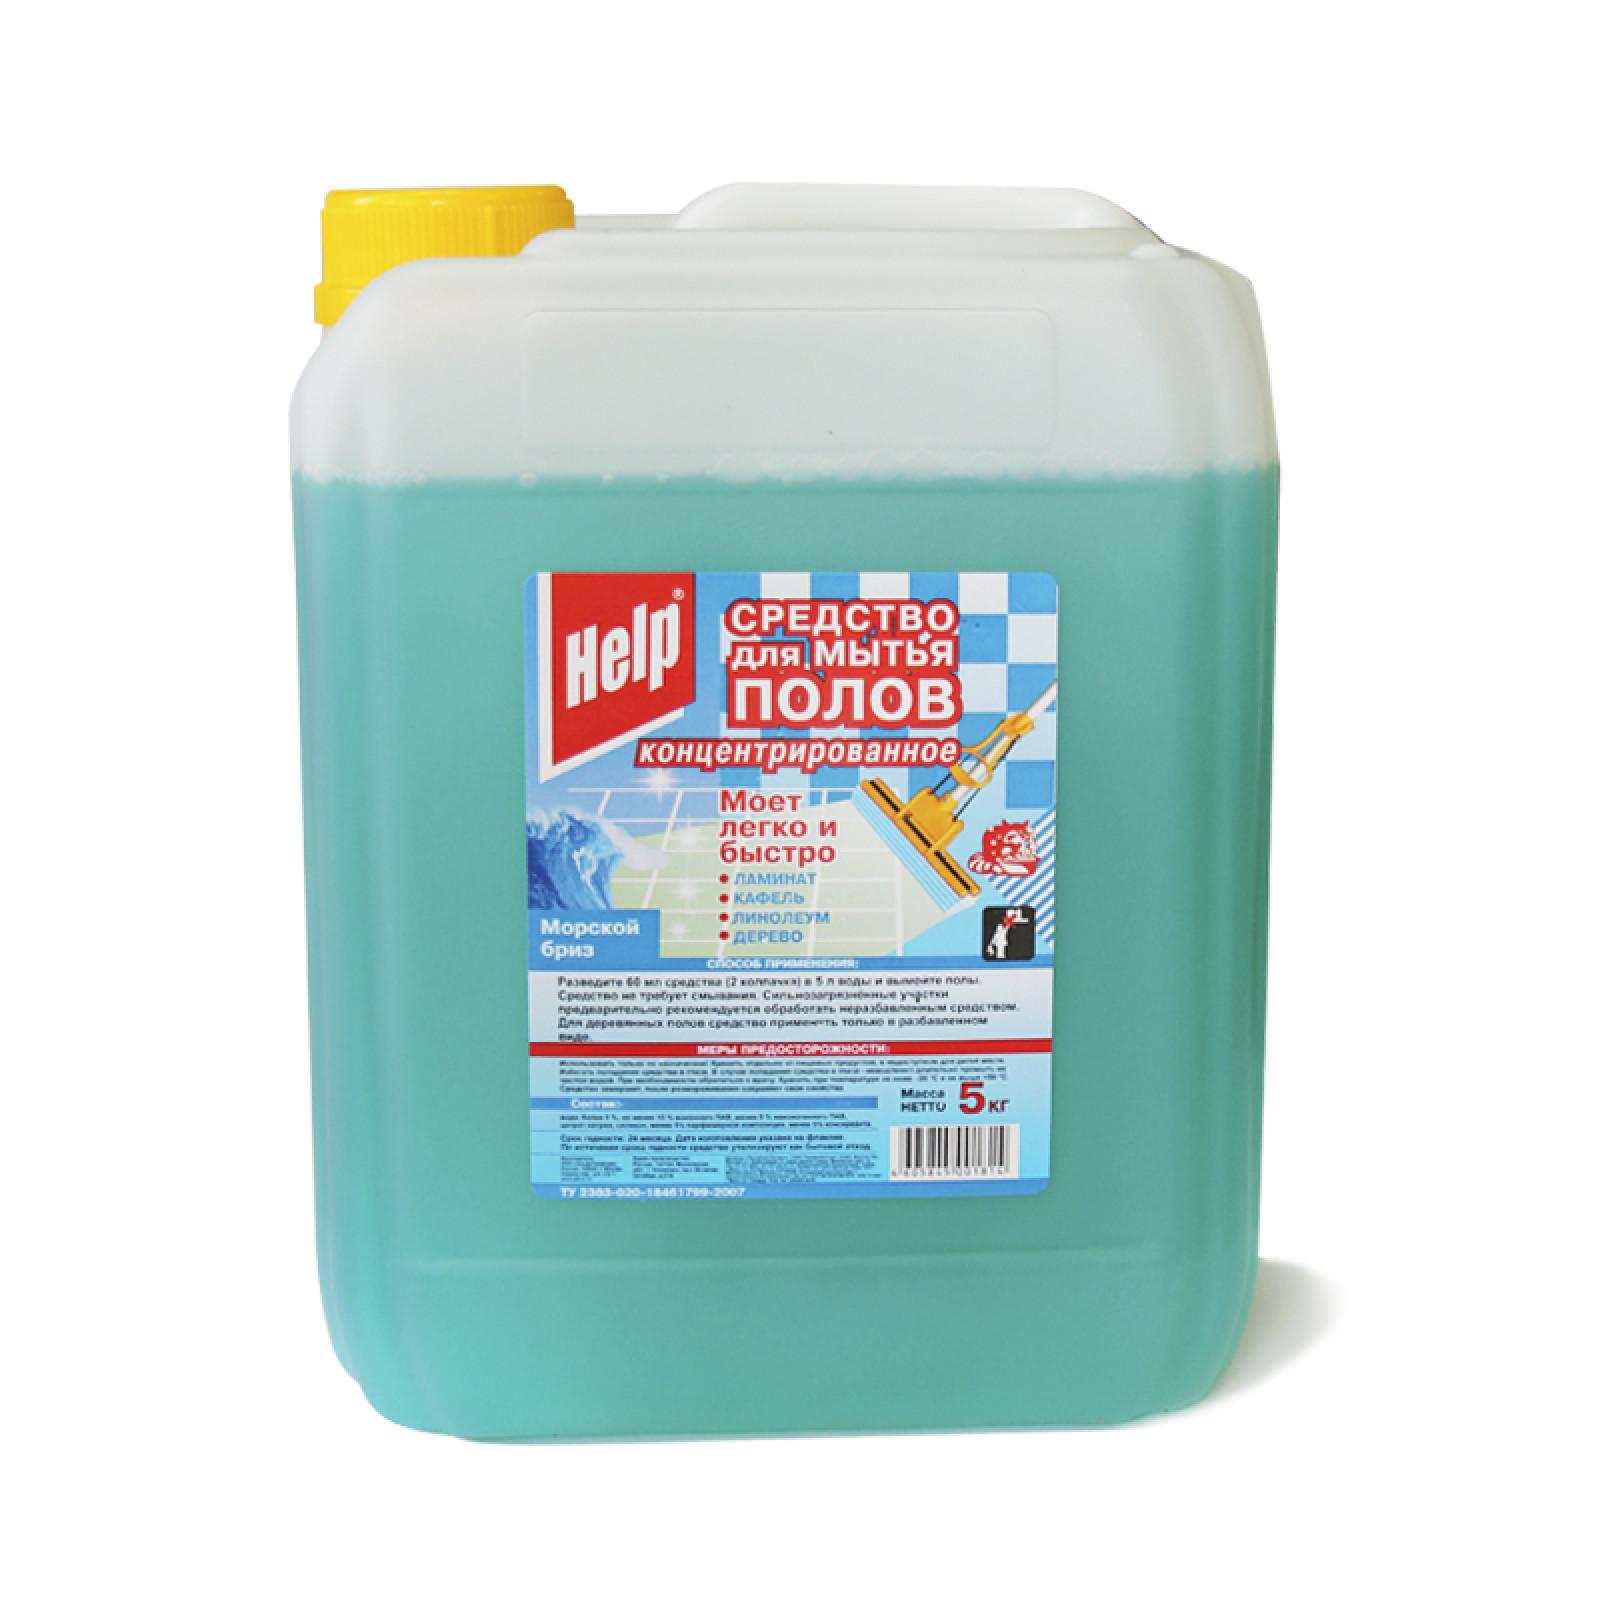 Средство Help для мытья полов концентрированное